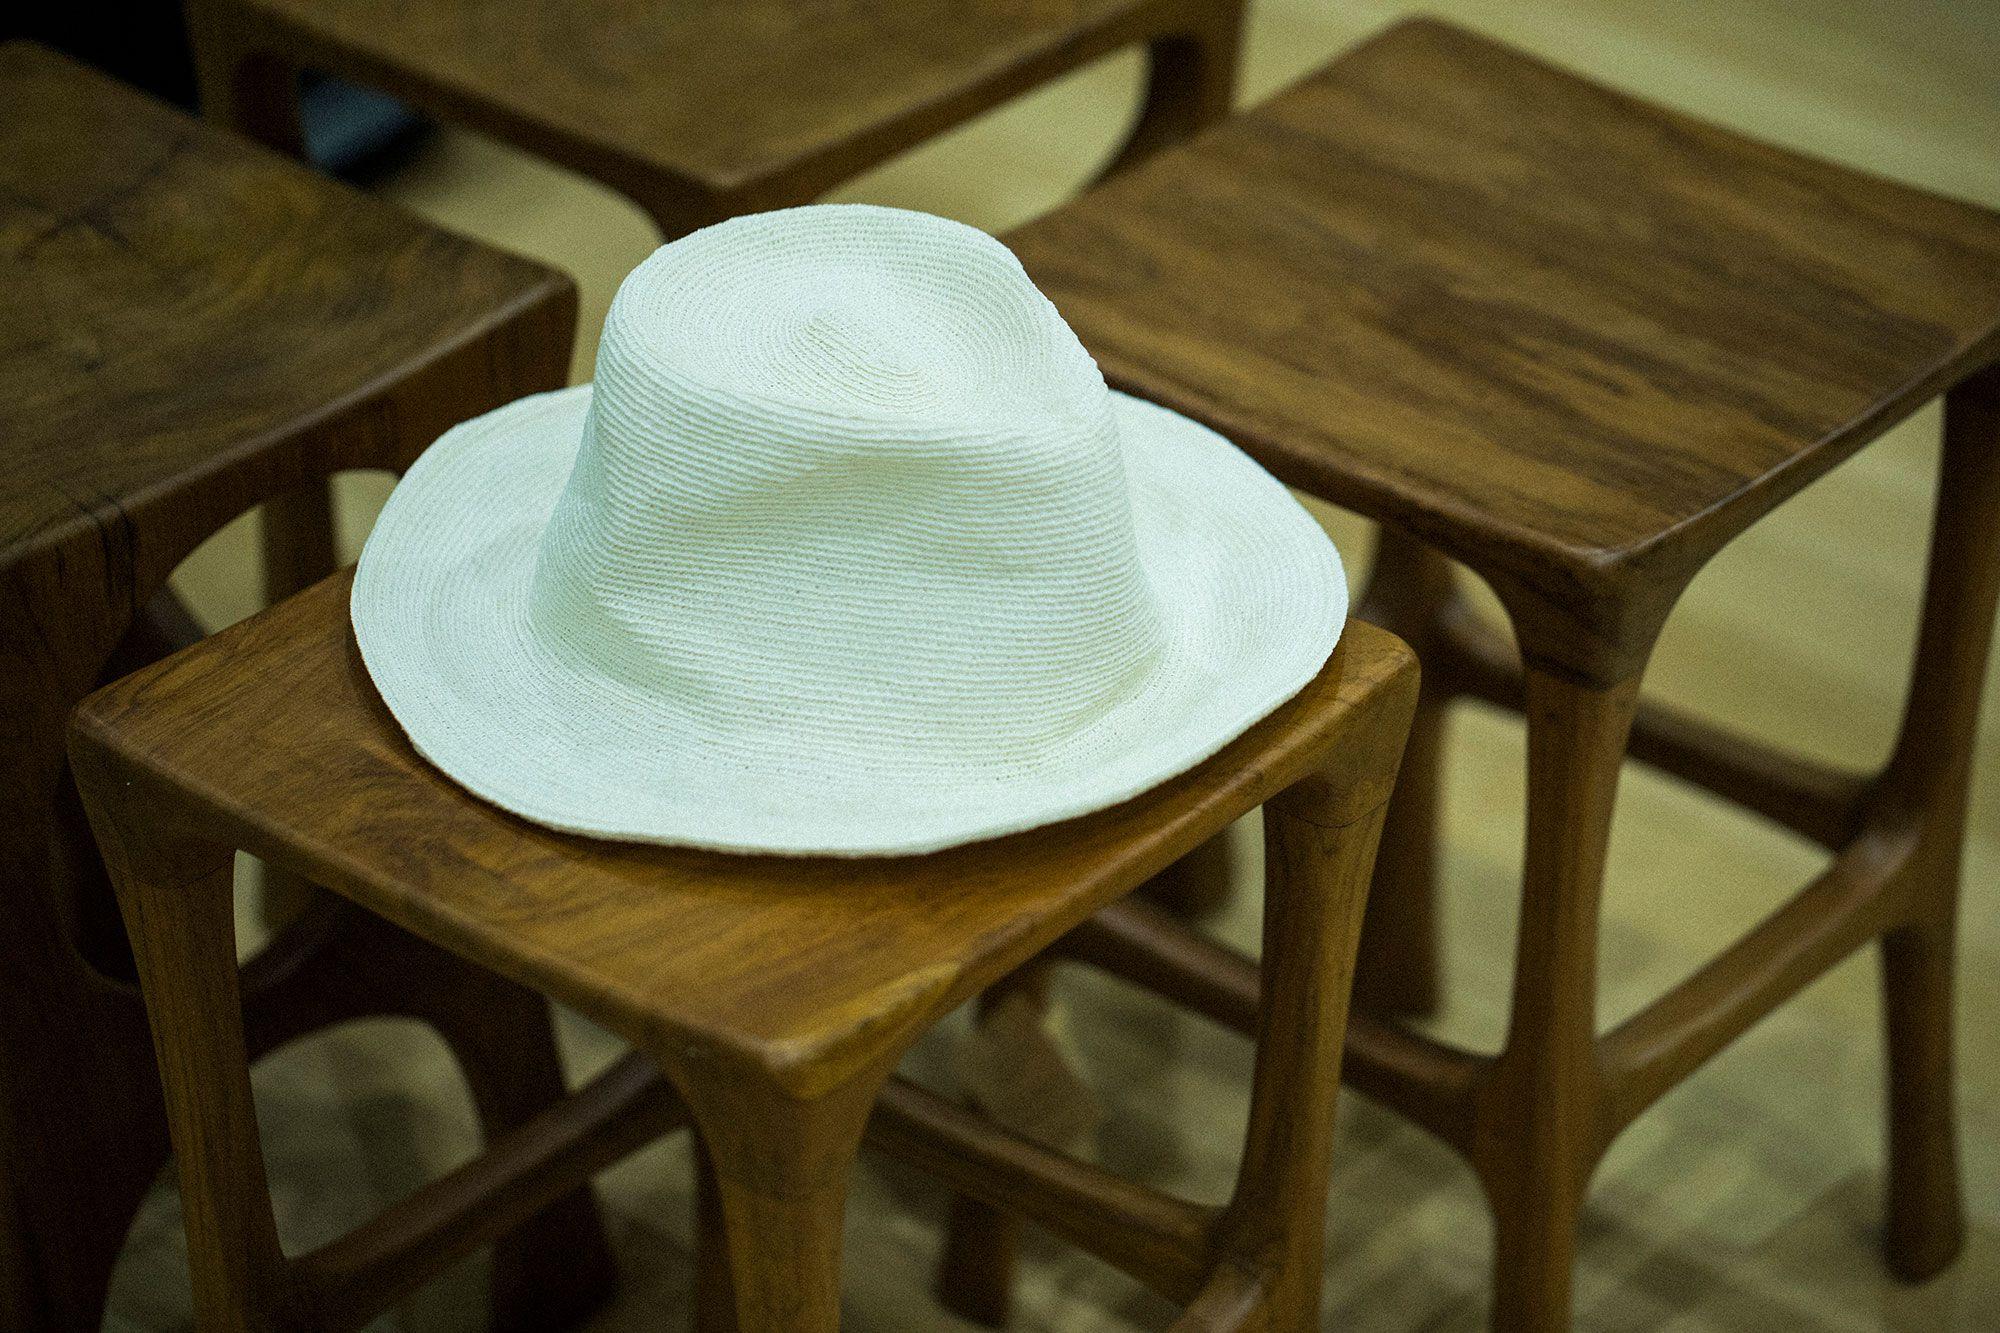 細い紐状になった和紙を手がけのミシンで繊細に縫い上げた、ペーパーブレードの帽子。かぶるとふんわりと軽く、しっくりと頭になじんでくれる感触がうれしい。24,840円(税込)